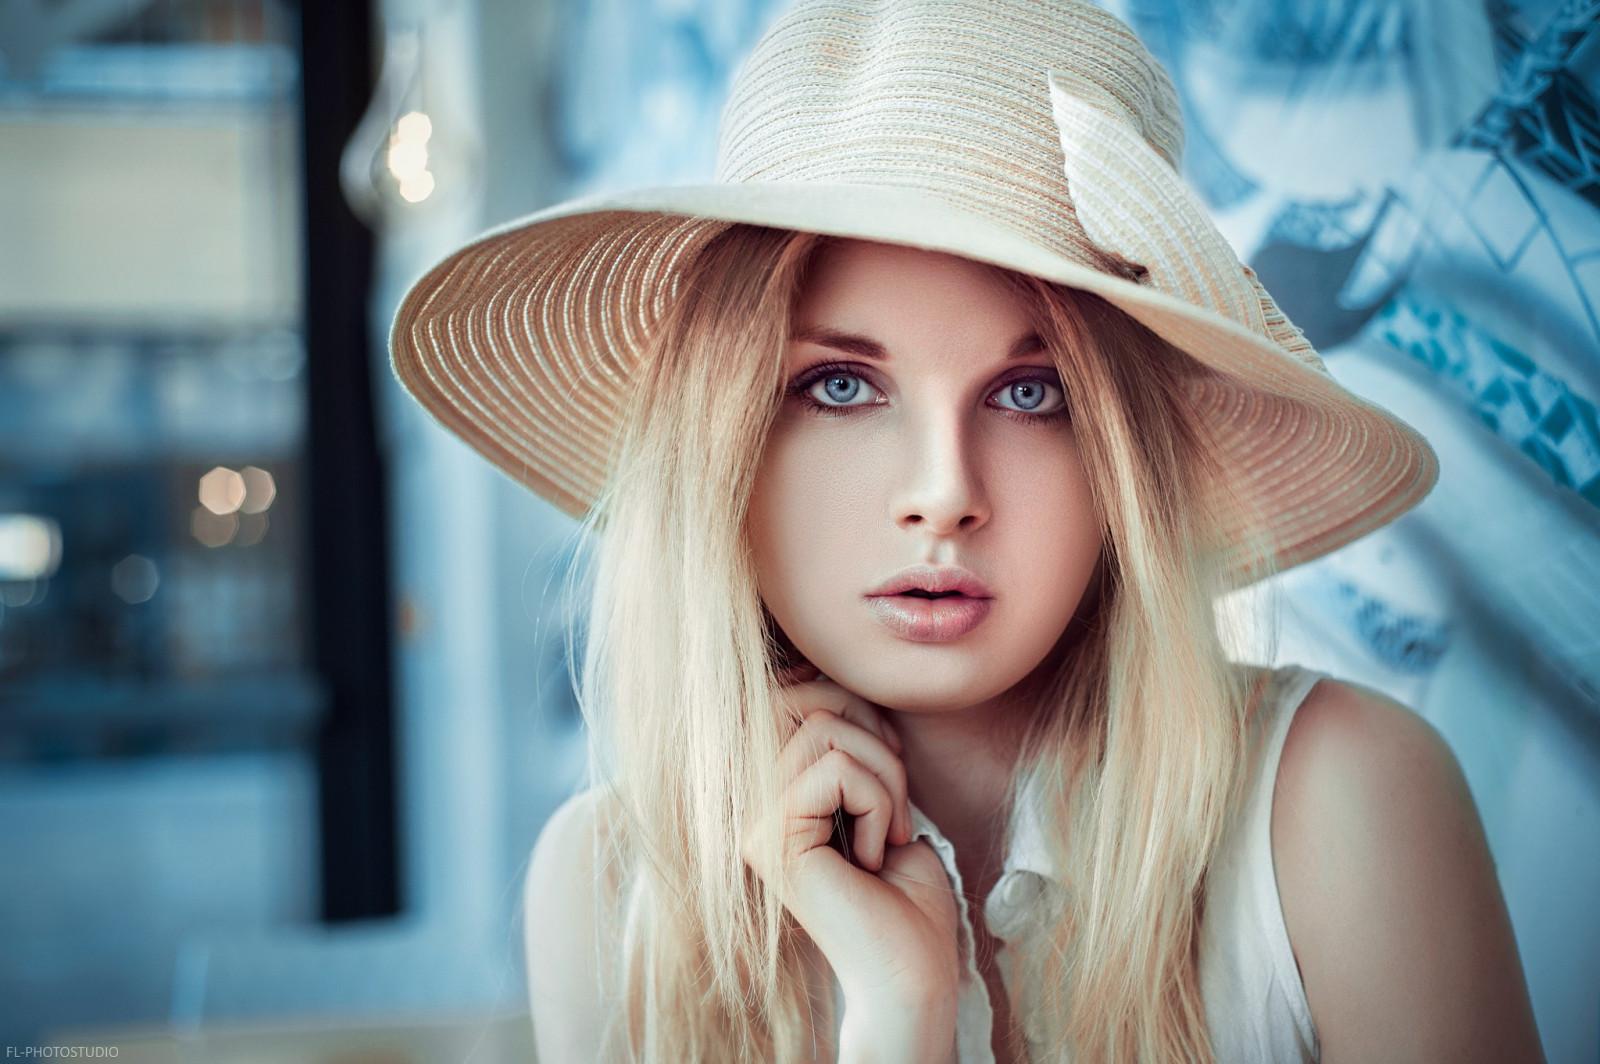 Фото русых девушек в шляпах